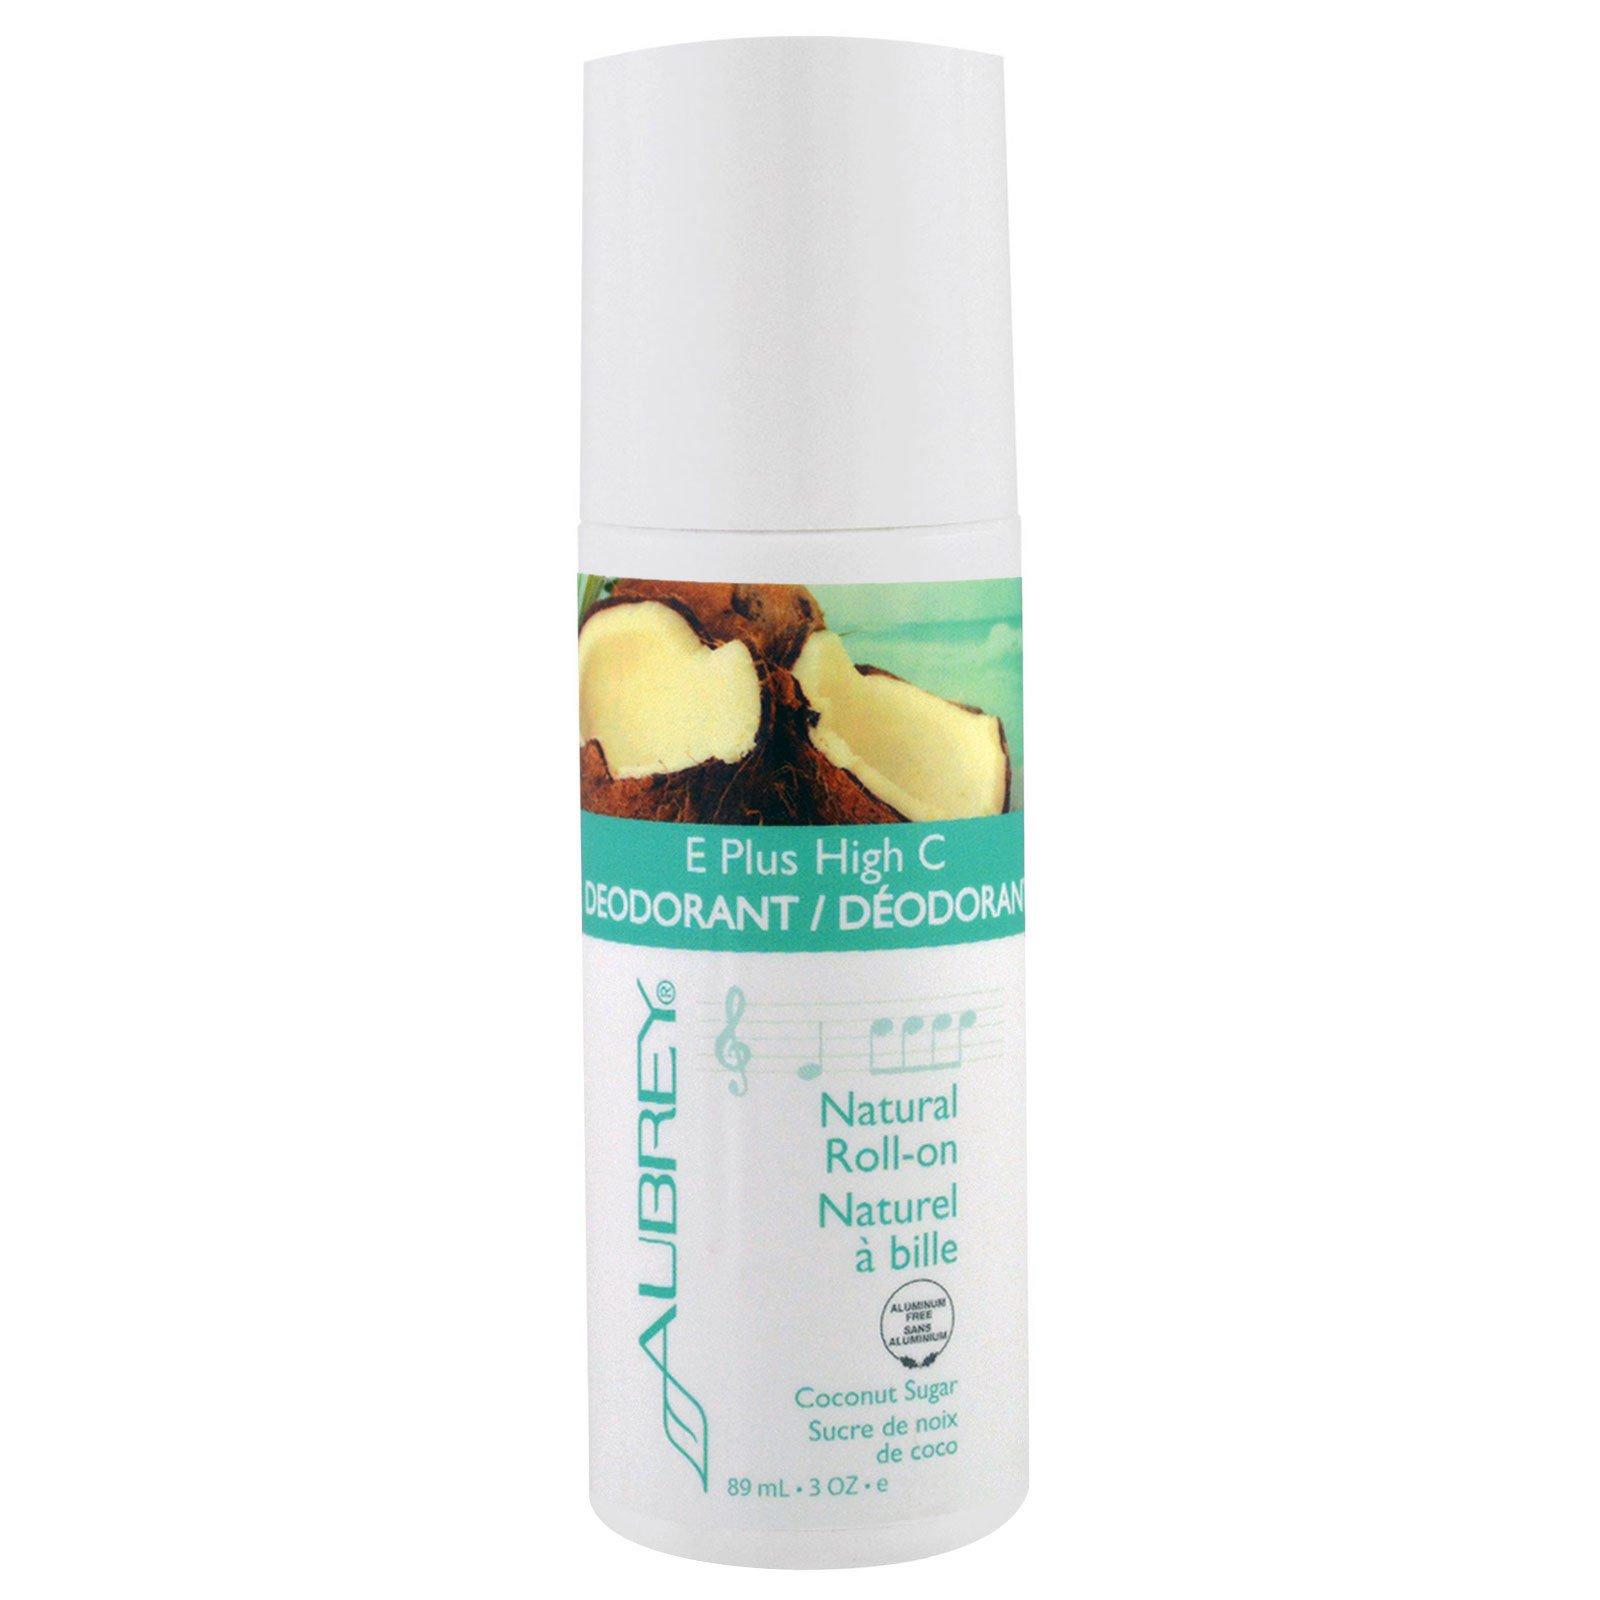 Aubrey Organics, E Plus High C, натуральный шариковый дезодорант, кокосовый сахар, 3 жидк. унц. (89 мл)